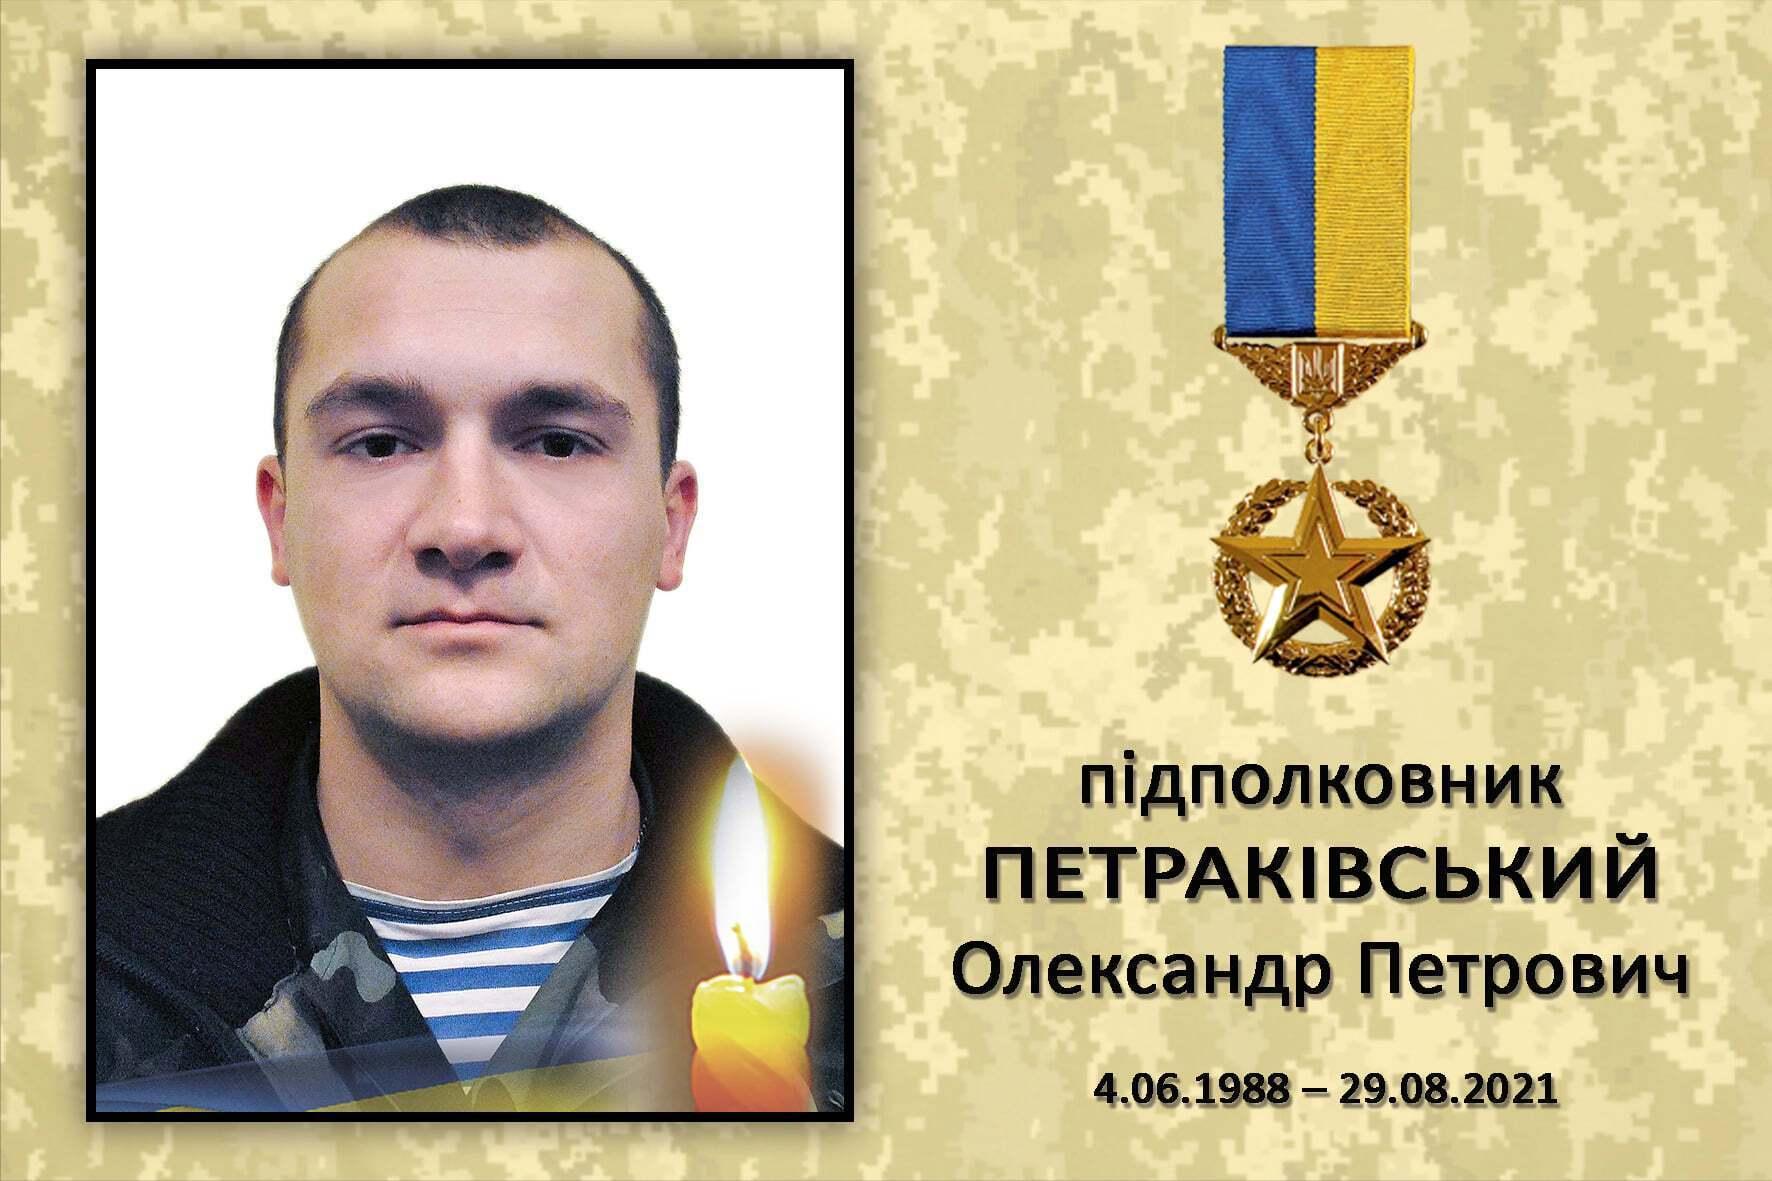 Олександр Петраківський – Герой України